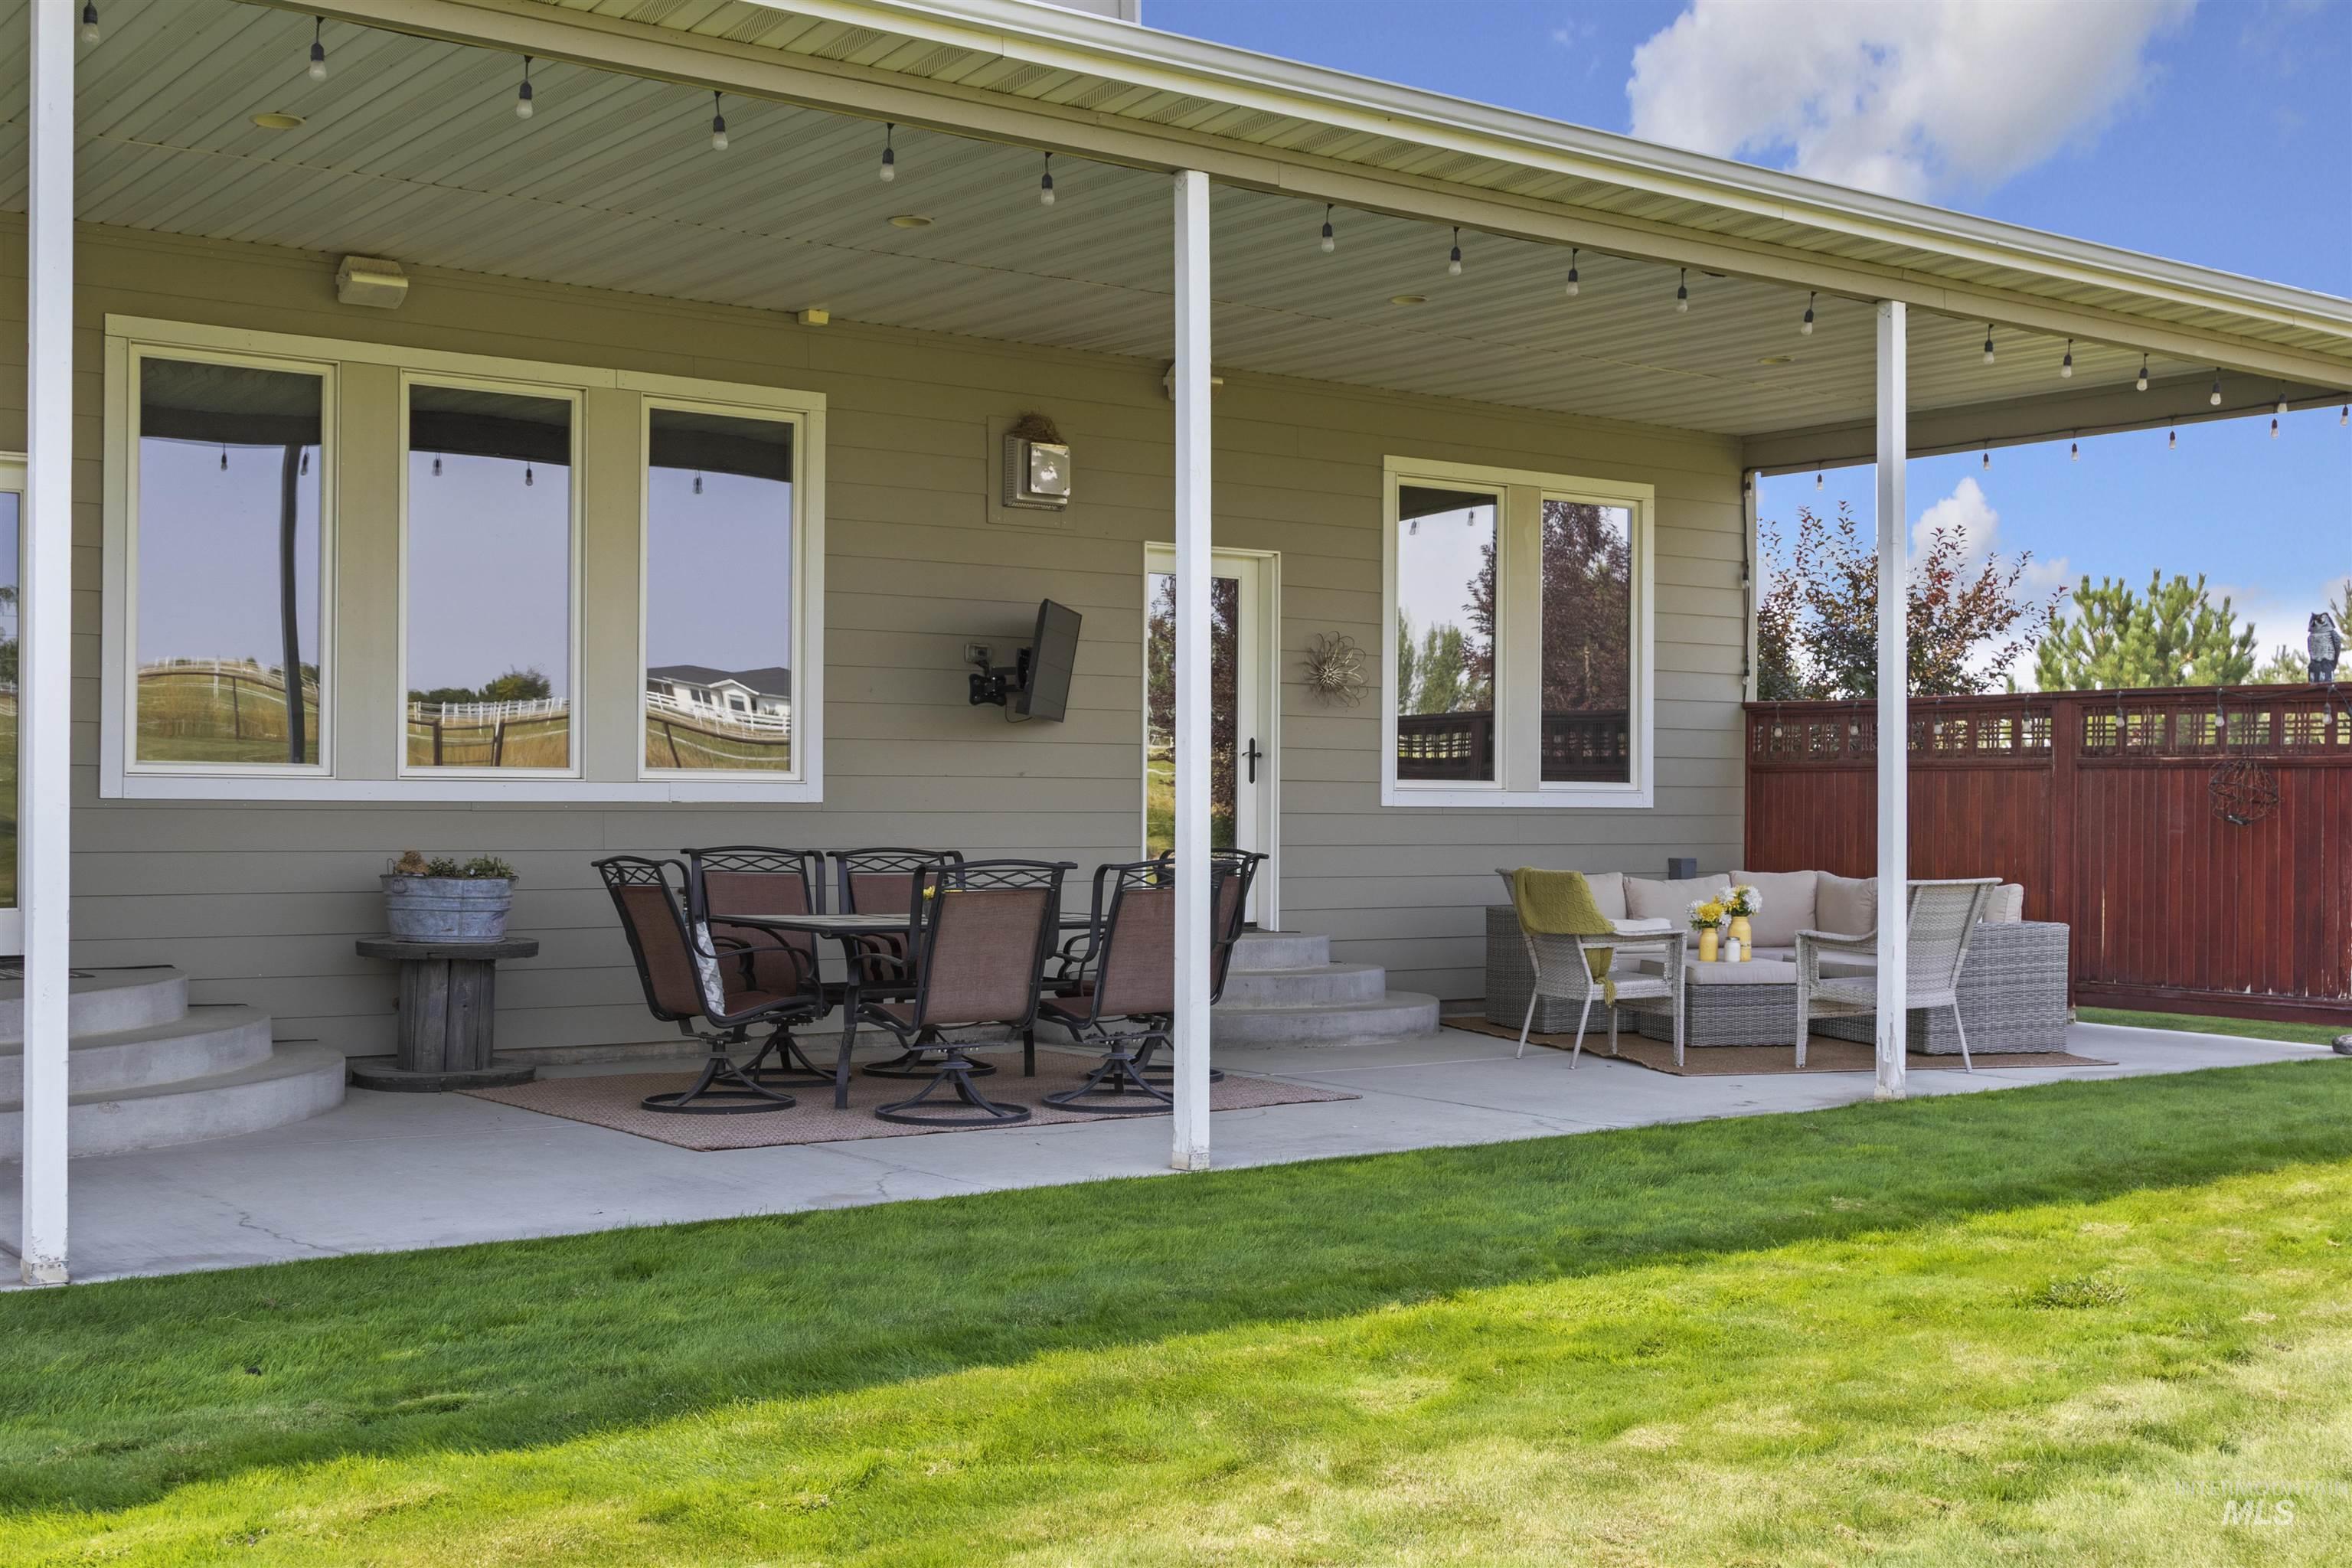 978 S 1200 E Property Photo 43